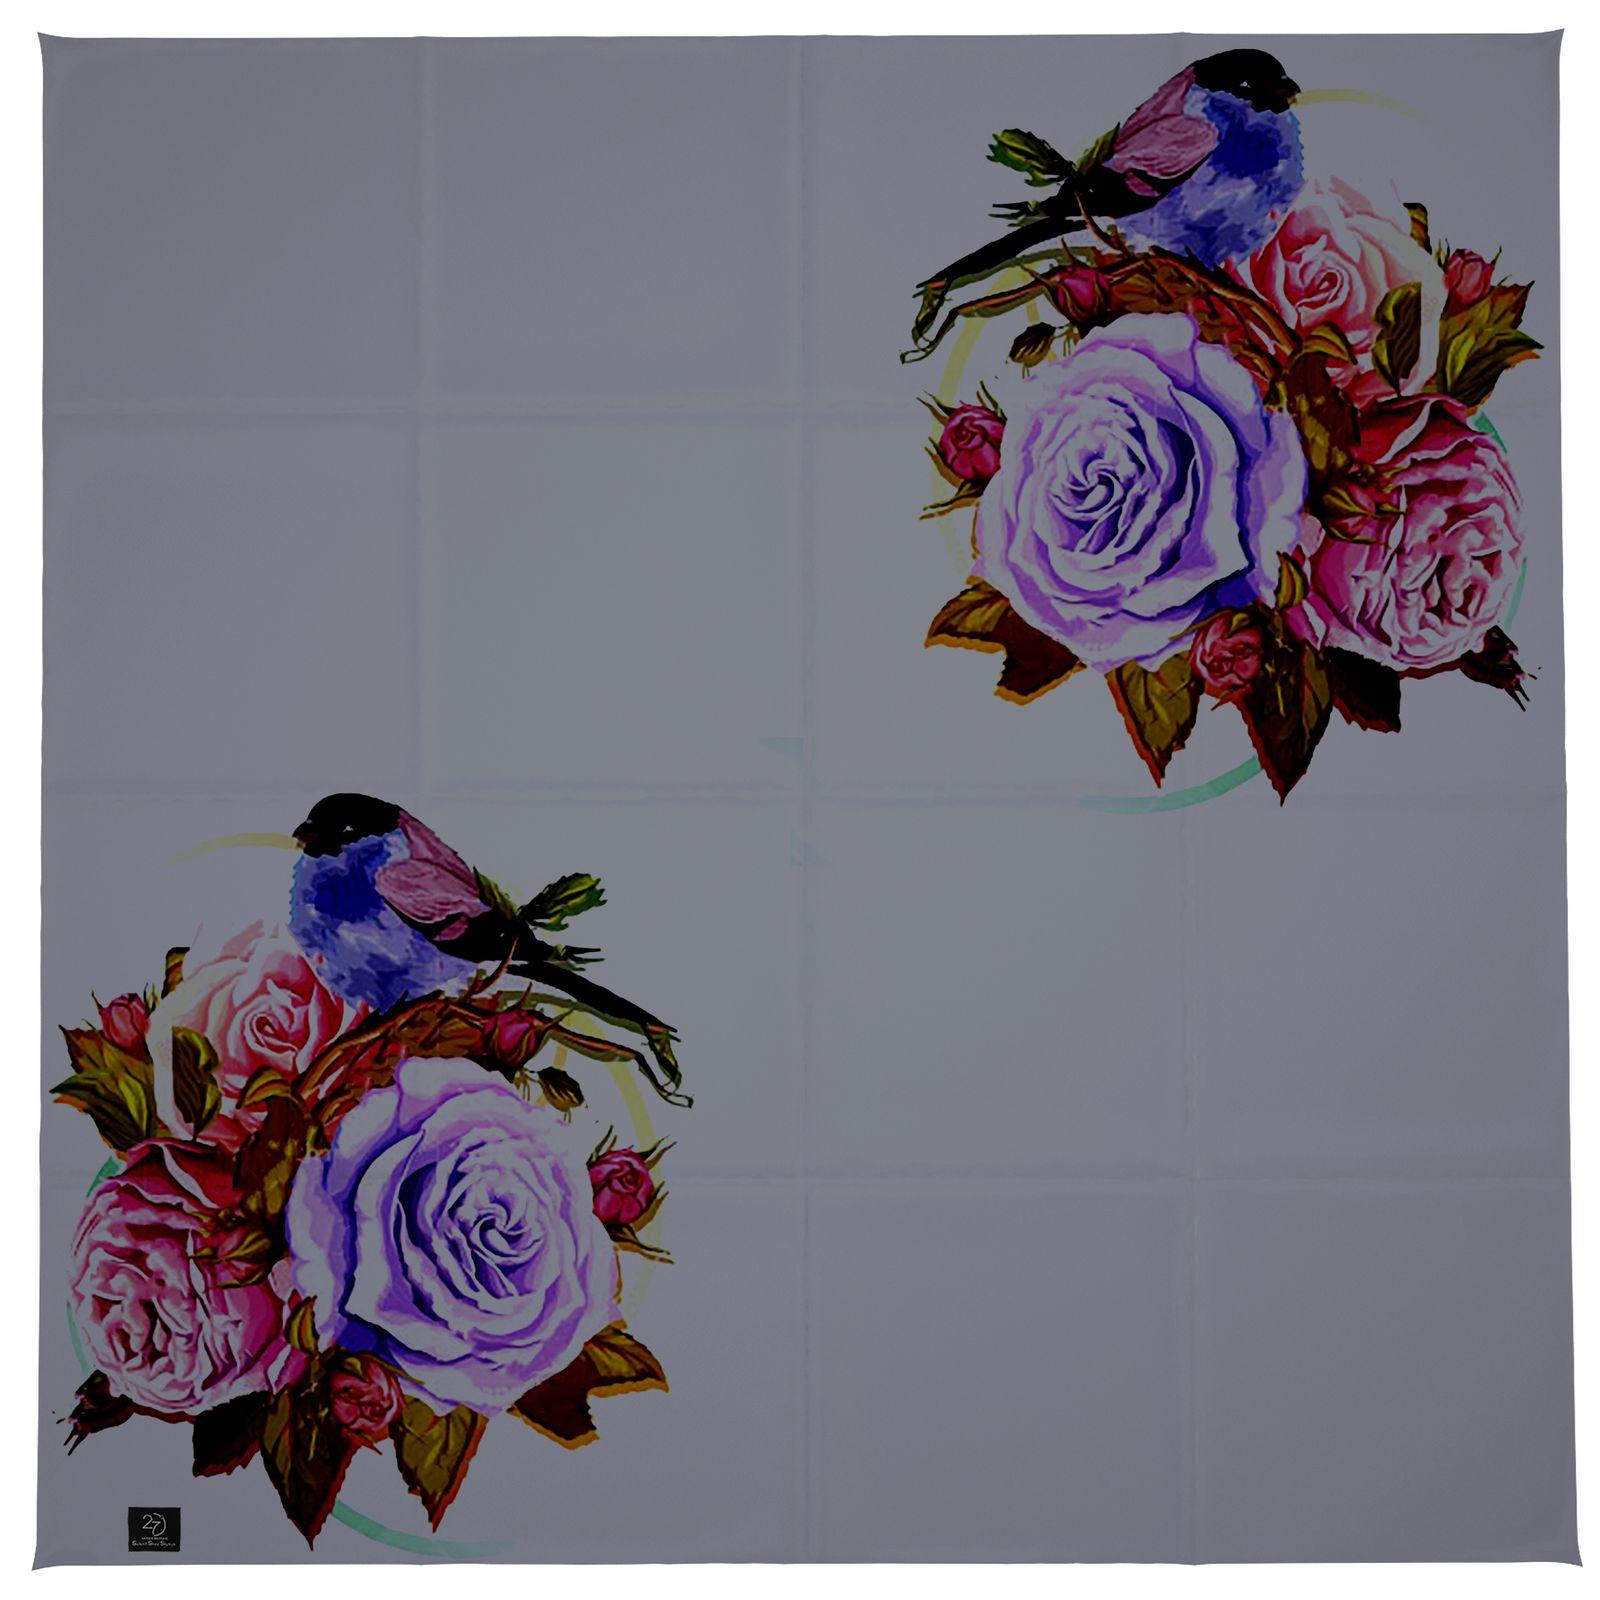 روسری زنانه 27 طرح پرنده و گل کد H06 -  - 6